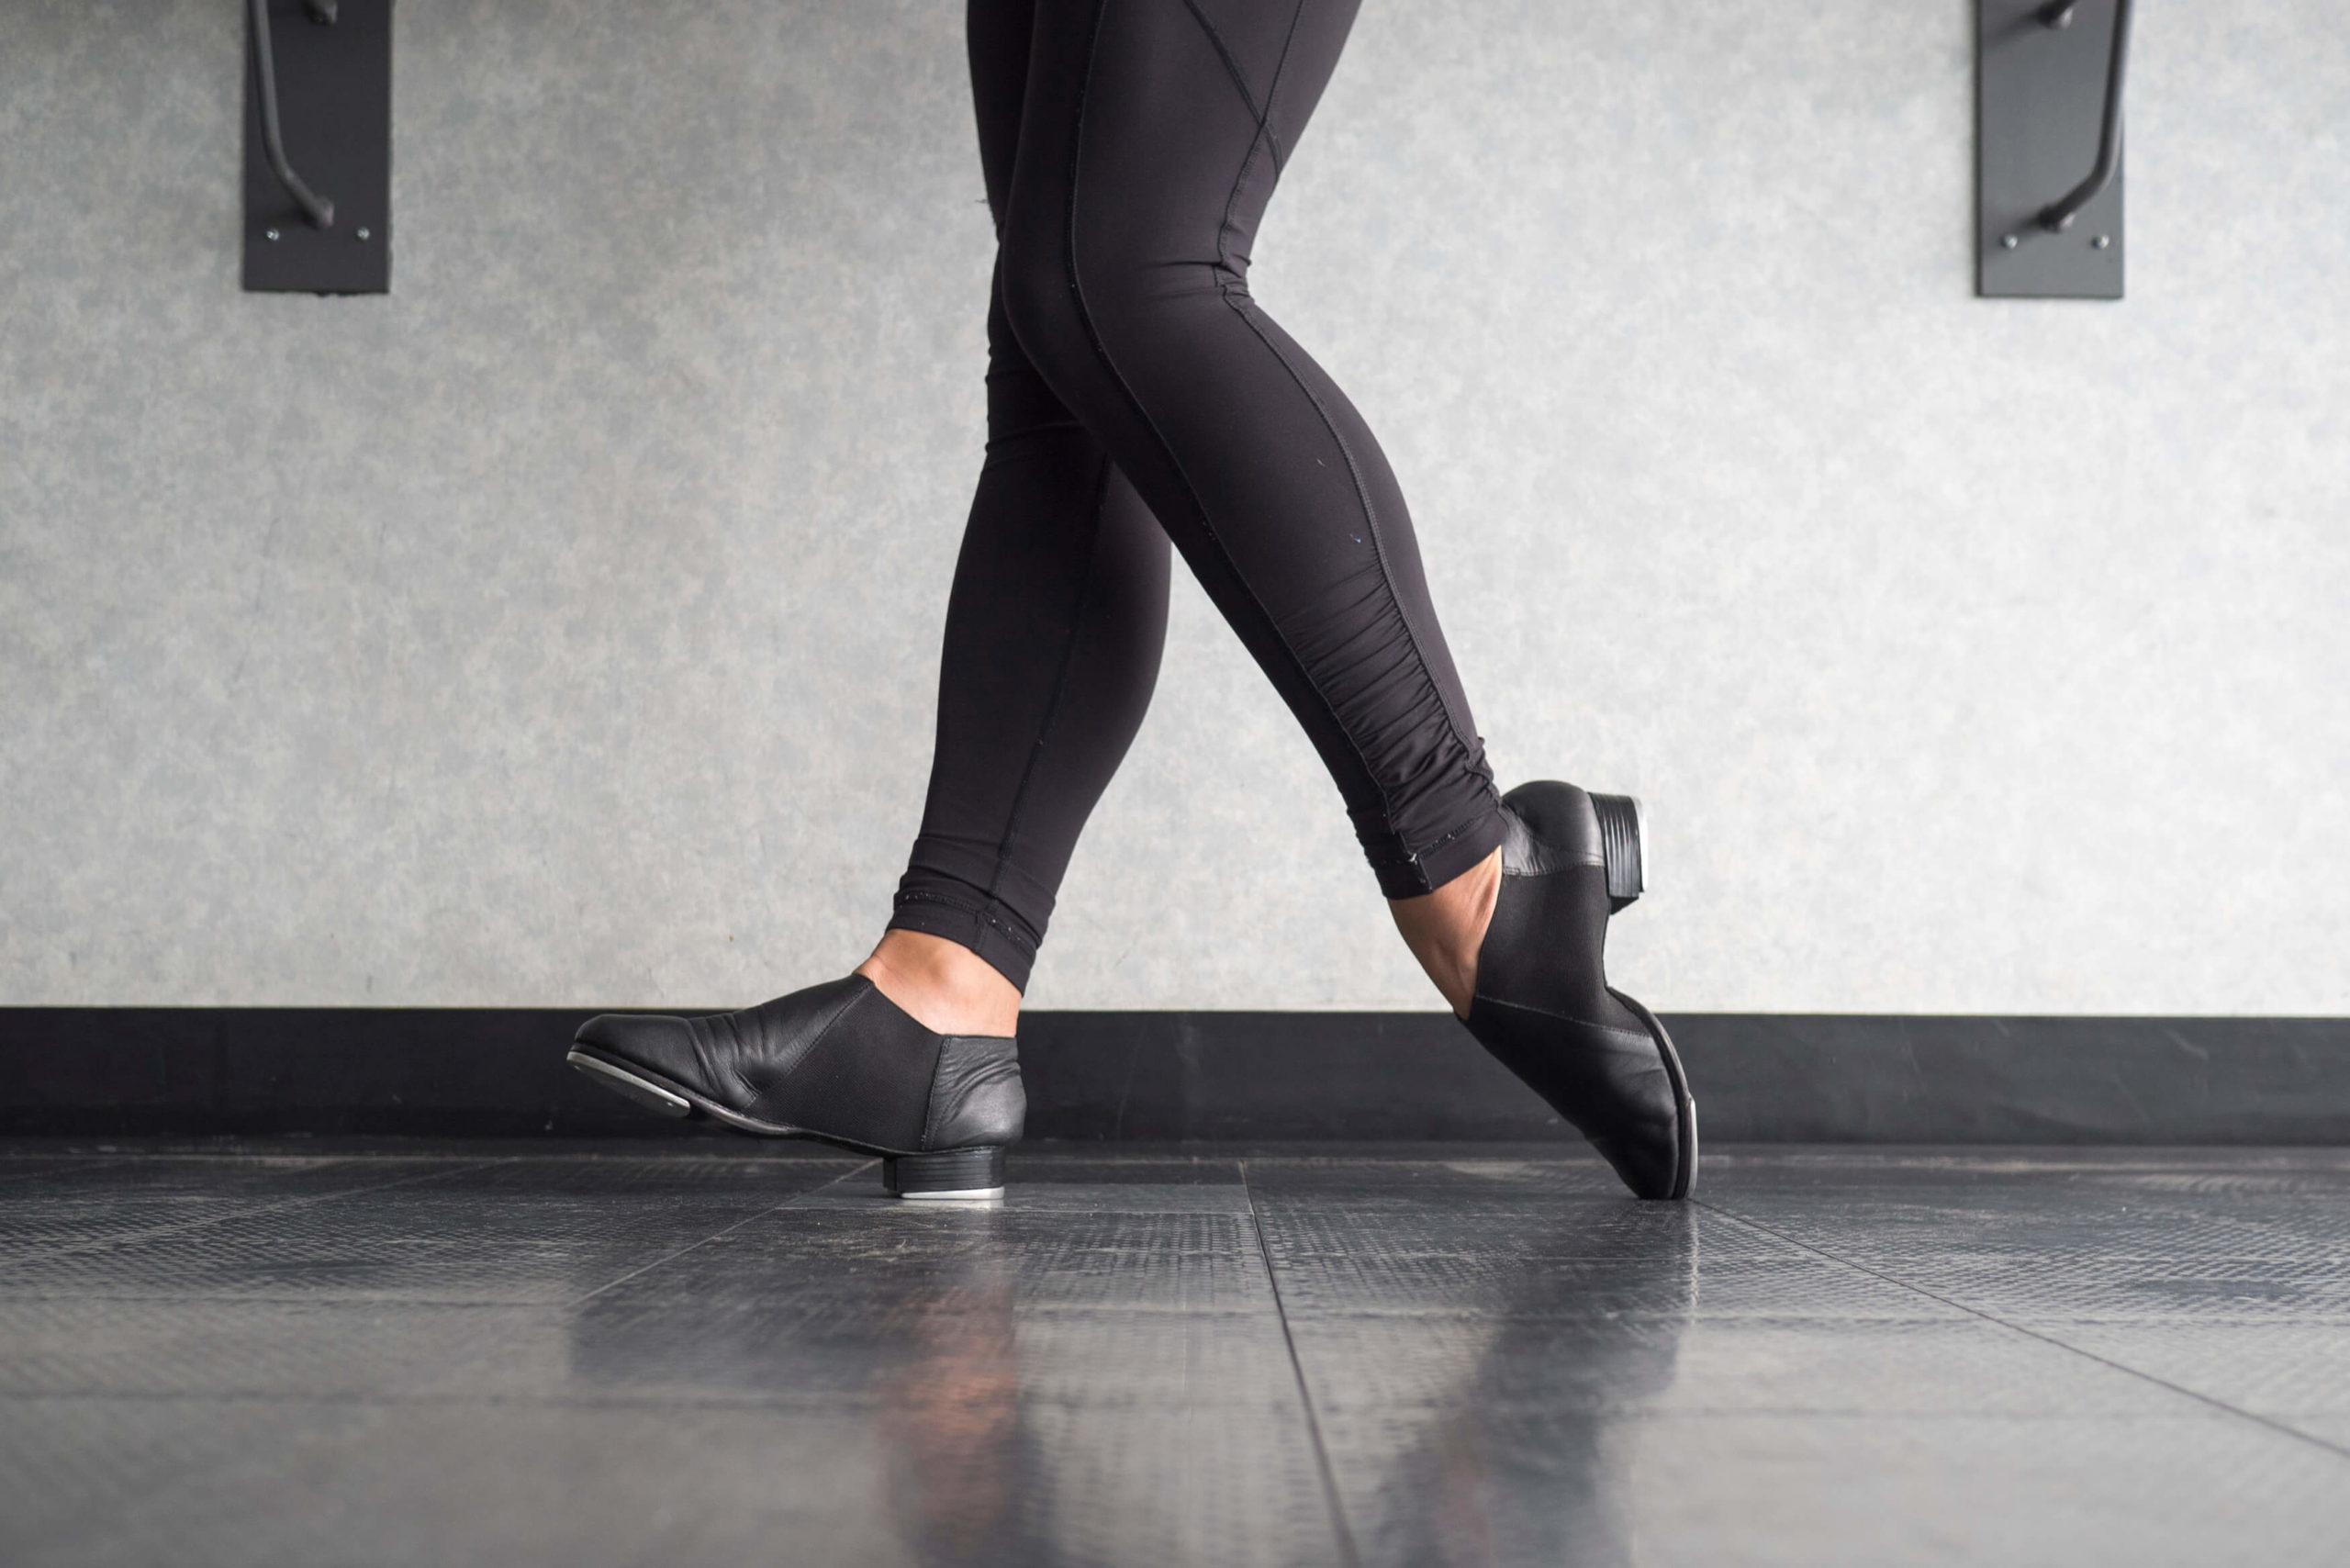 313245-descubra-como-fazer-sapateado-e-as-maiores-vantagens-da-danca